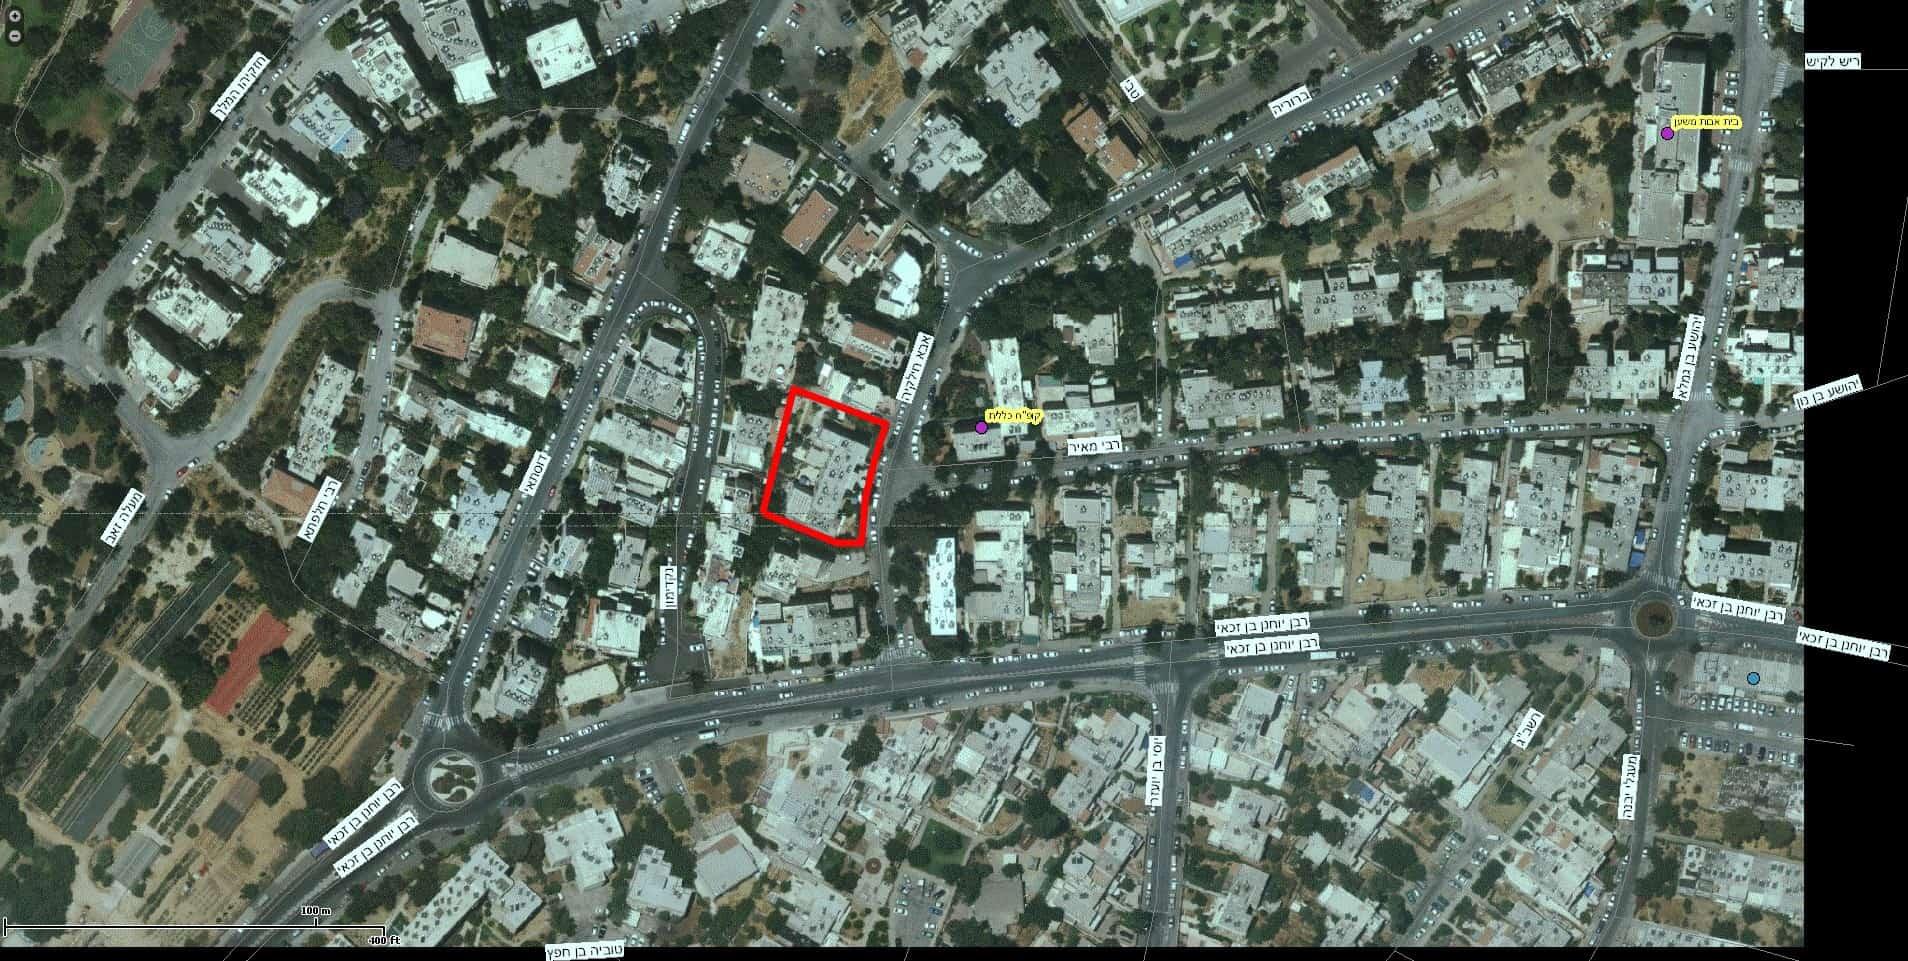 Aba Khilkiya 5, Jerusalem - Tama 38 project - GIS